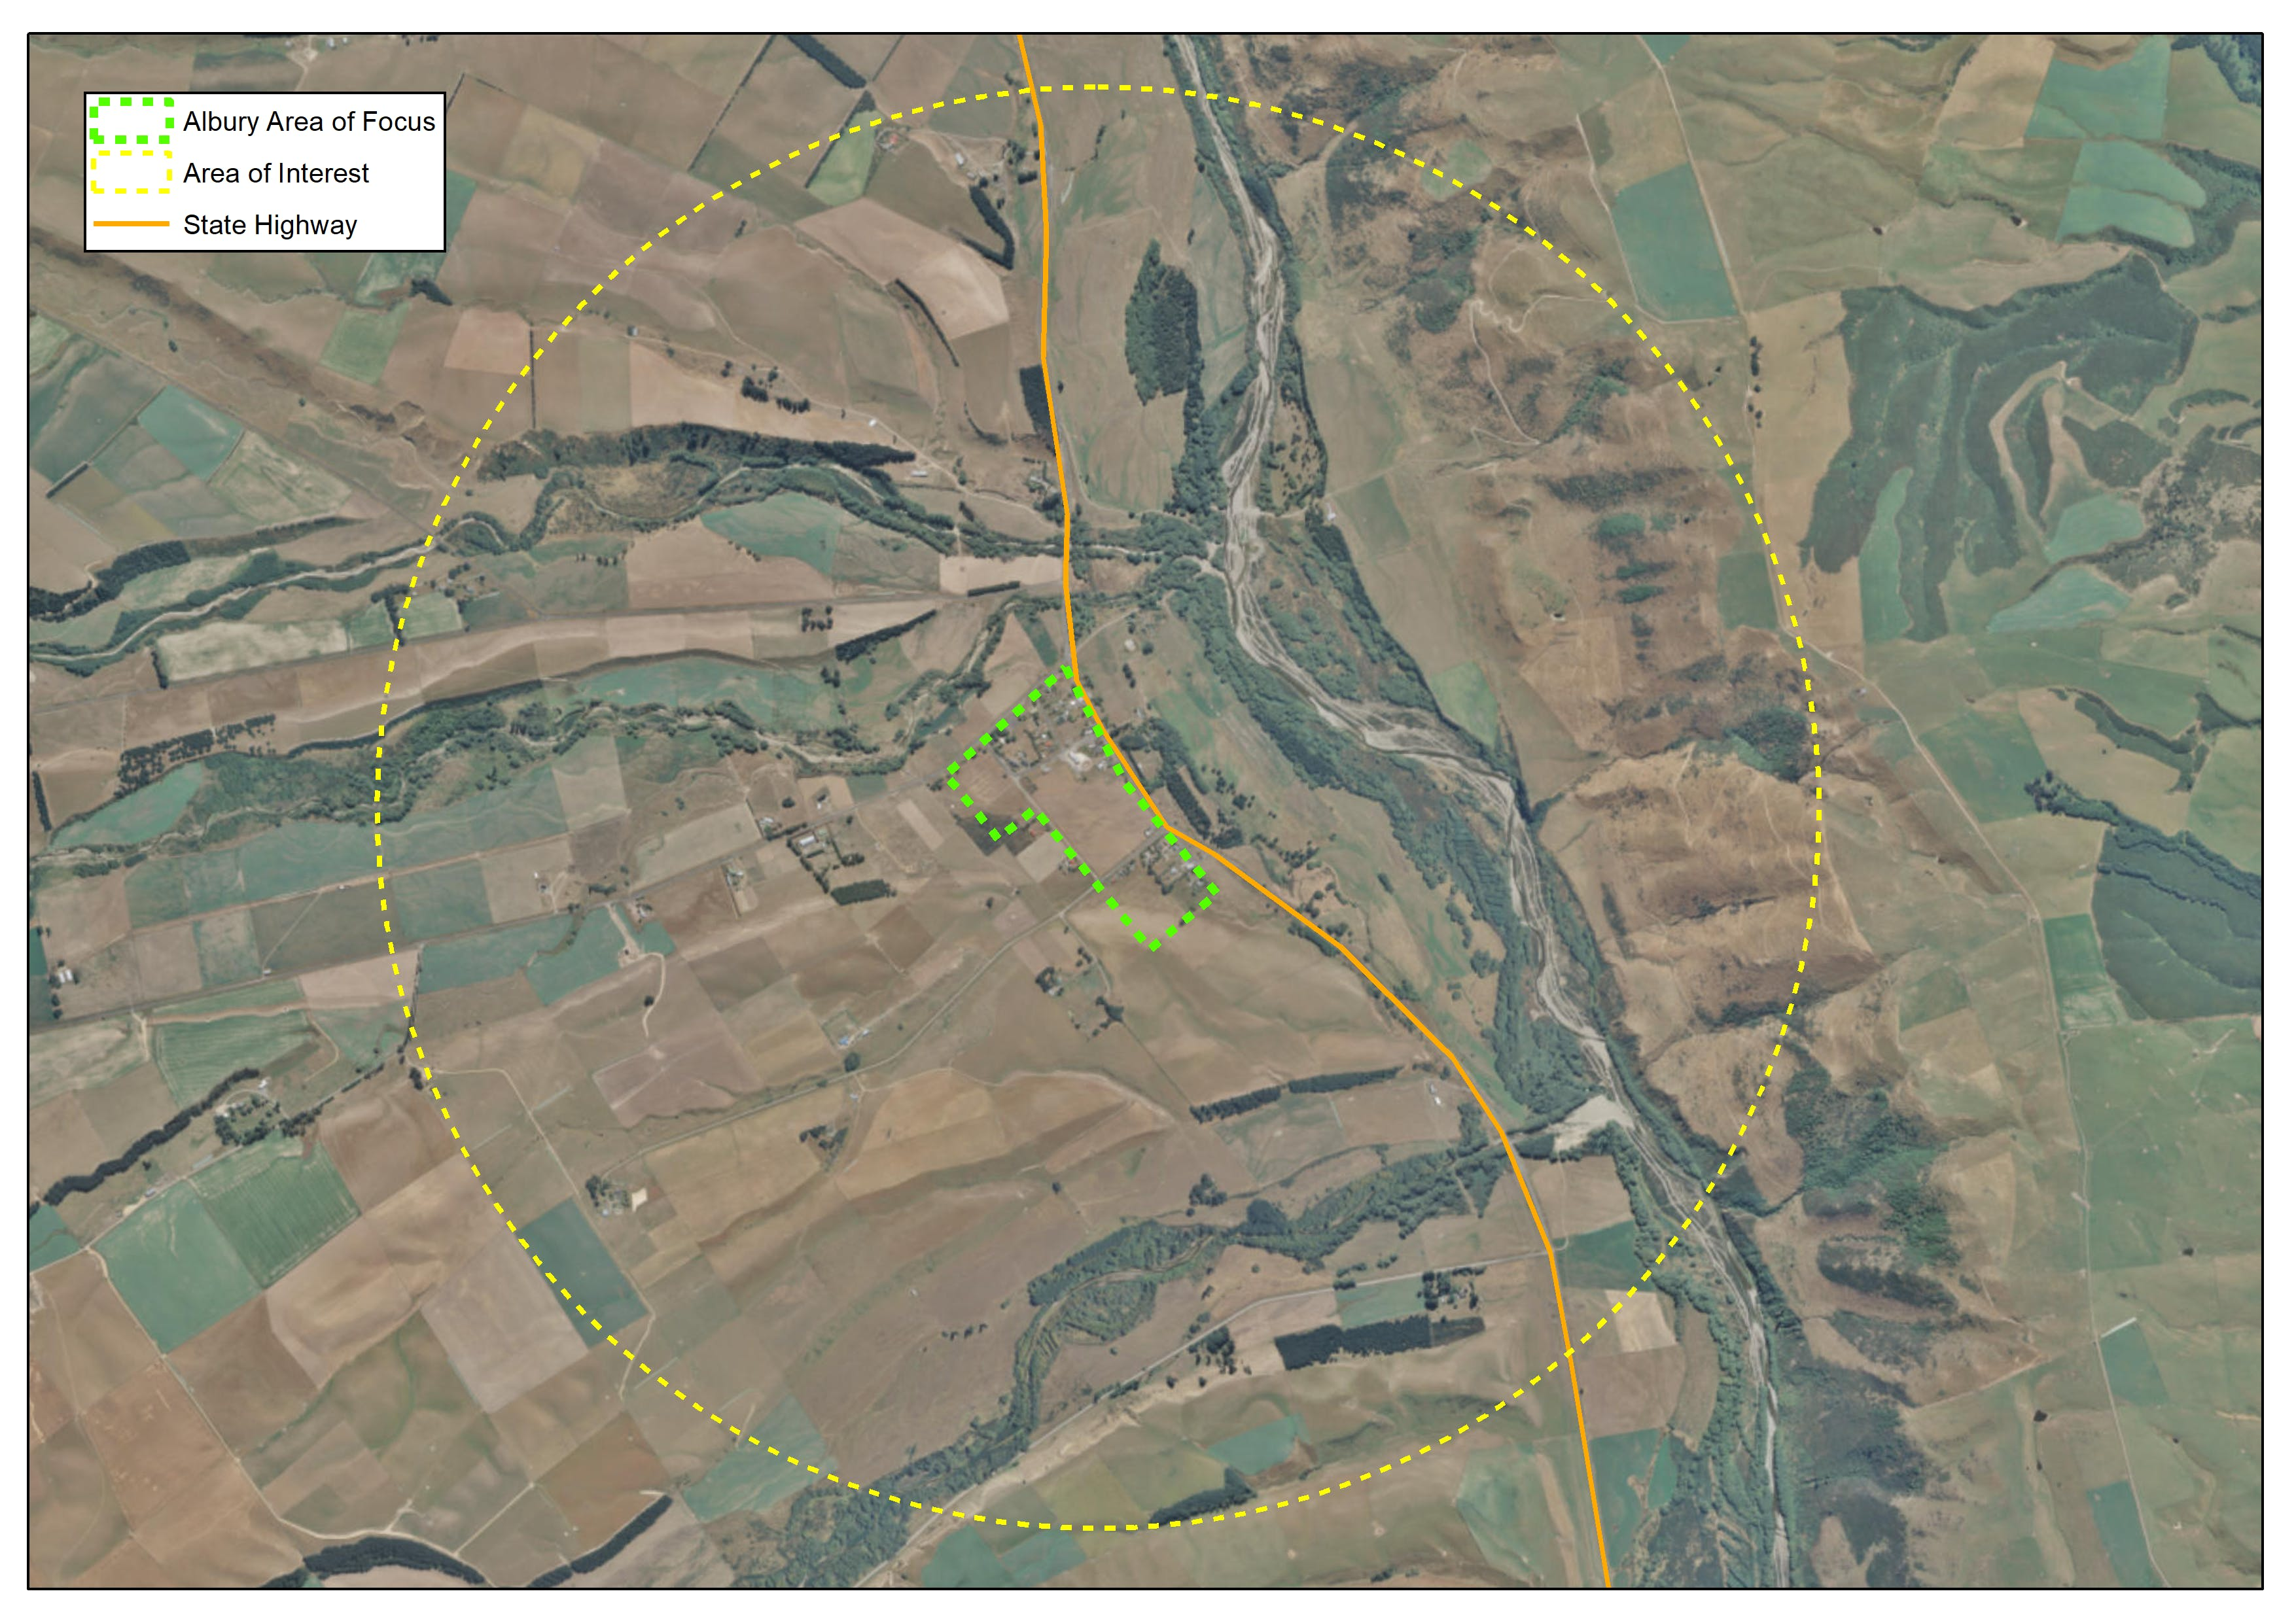 Albury Area of Focus and Interest